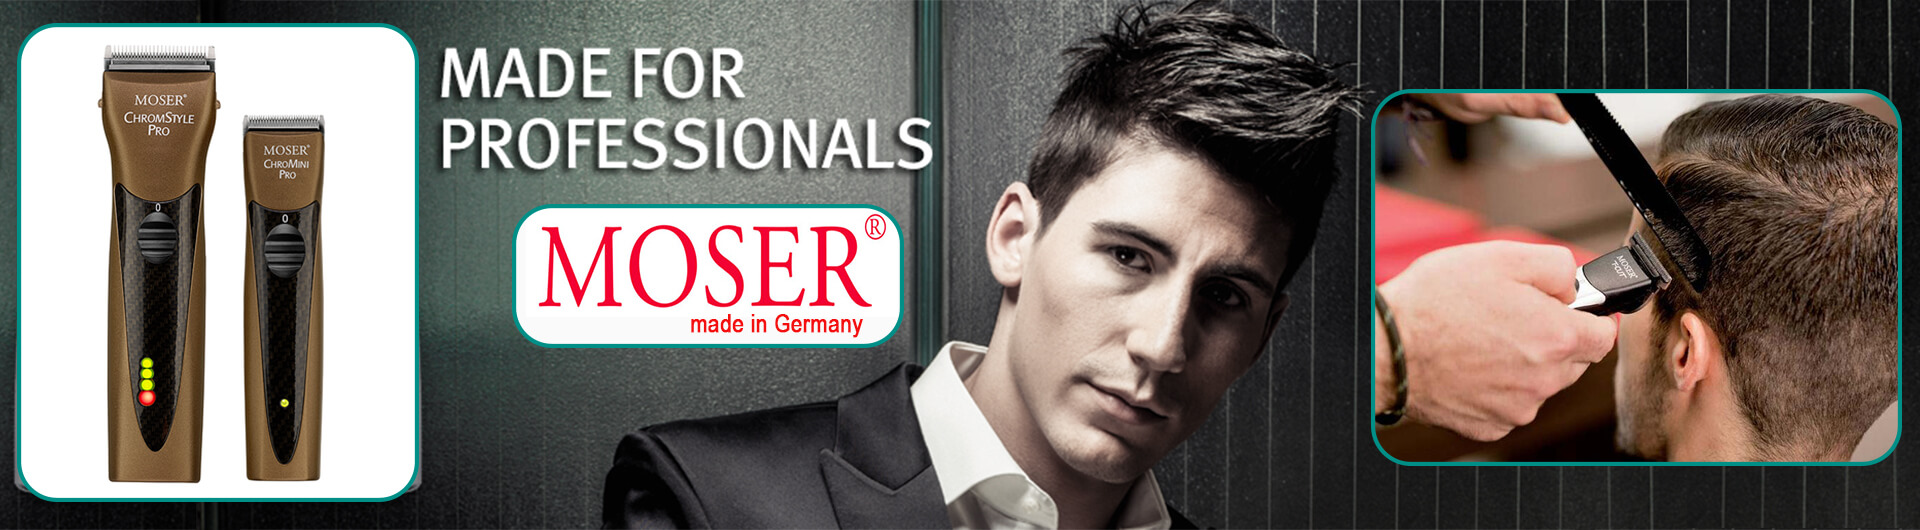 Moser1